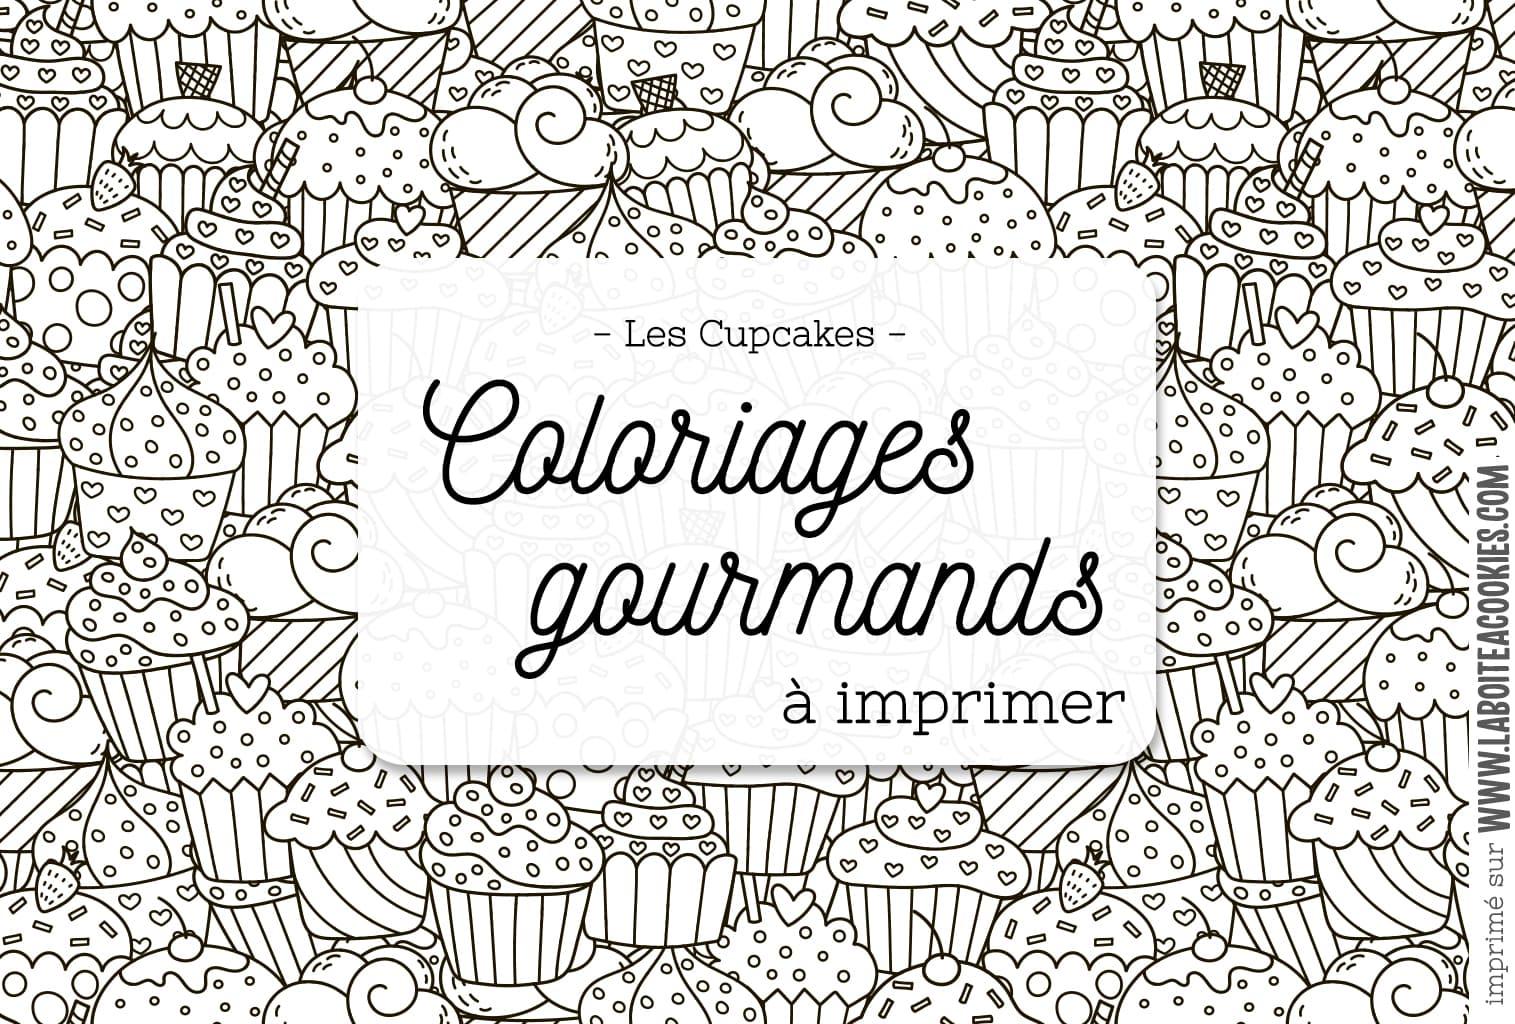 Recherche Sur Le Tag Coloriage La Boite A Cookies